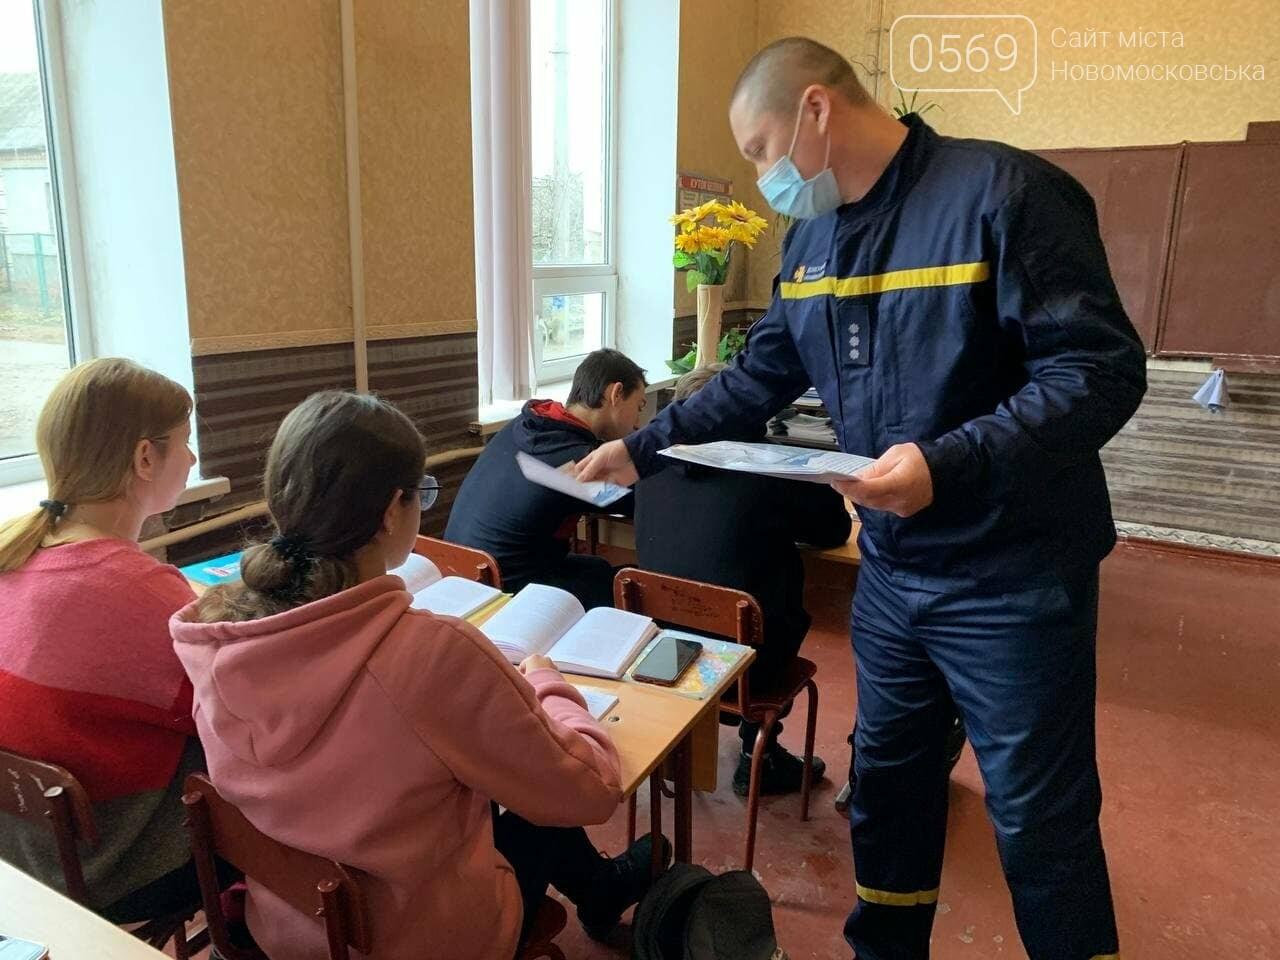 Надзвичайники Новомосковська навчали діток однієї з шкіл правилам безпеки, фото-5